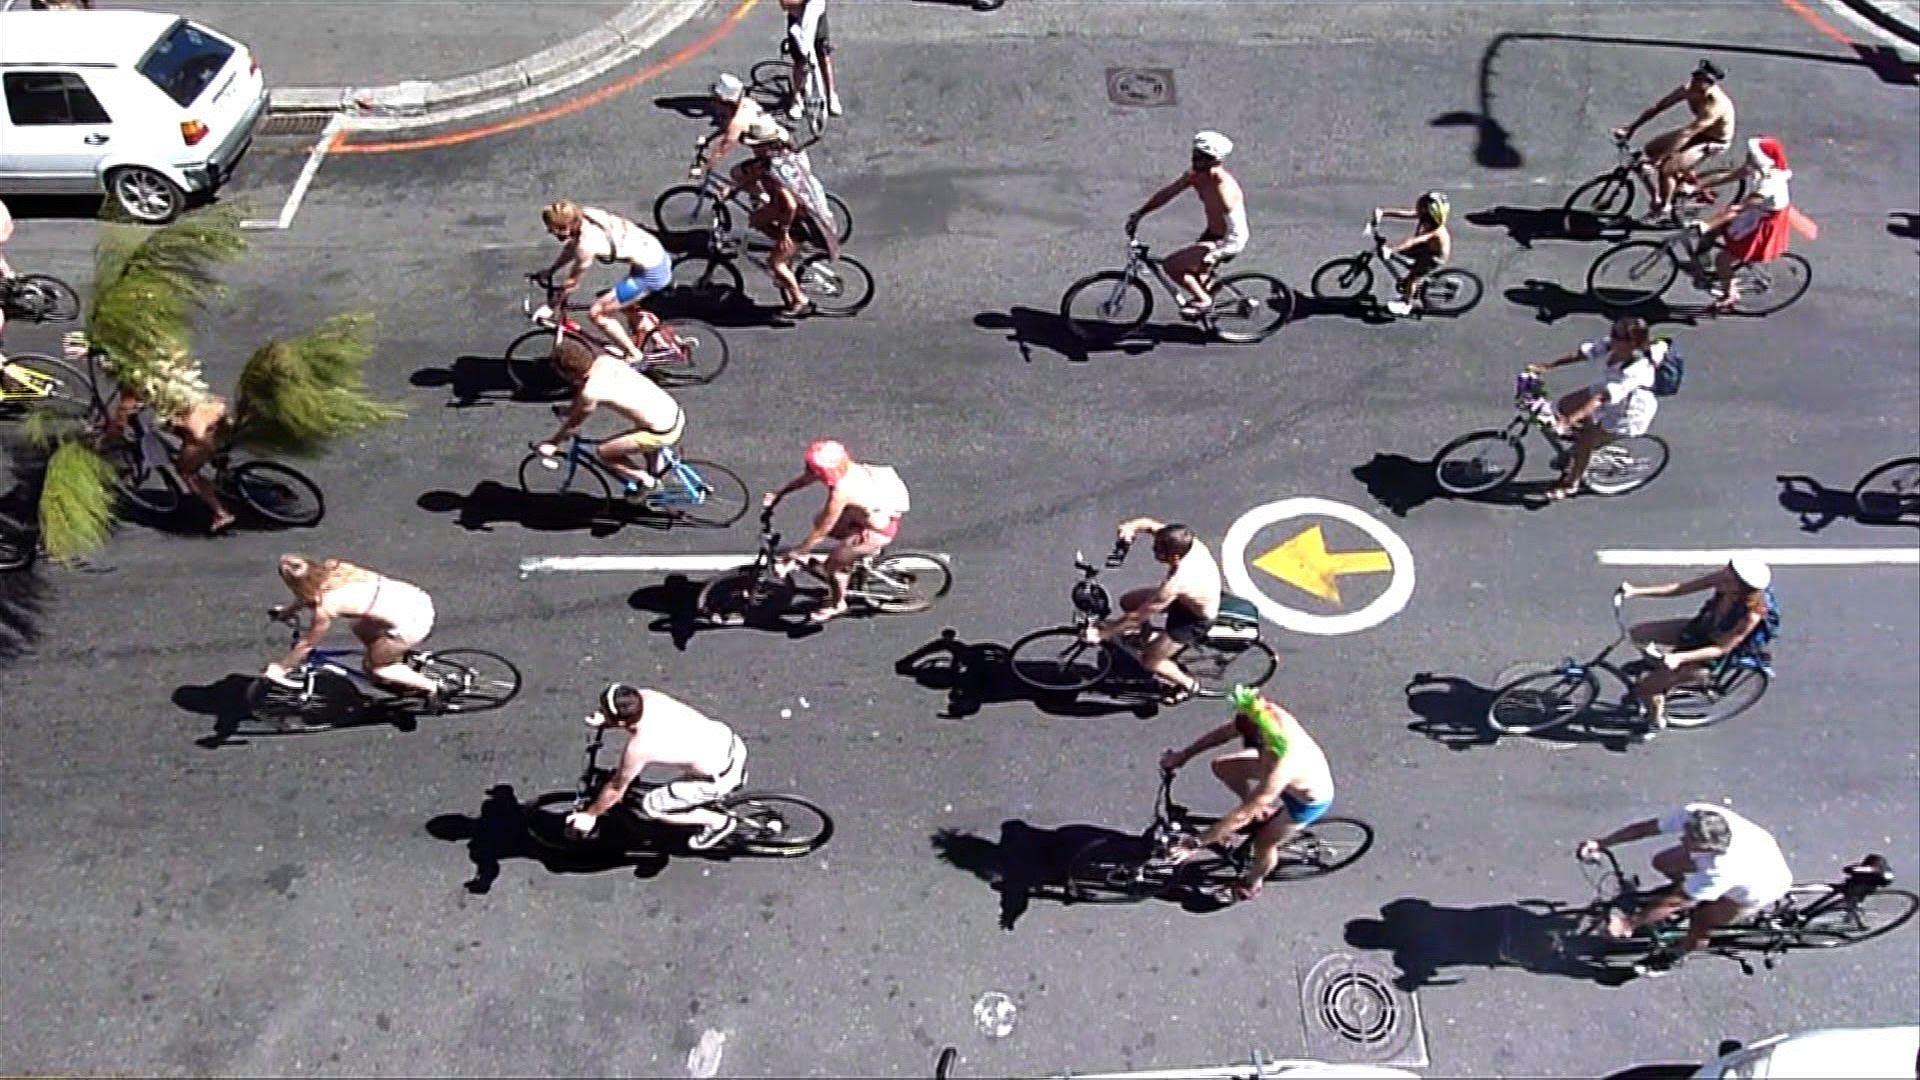 全裸でサイクリング!「ワールド・ネーキッド・バイク・ライド」